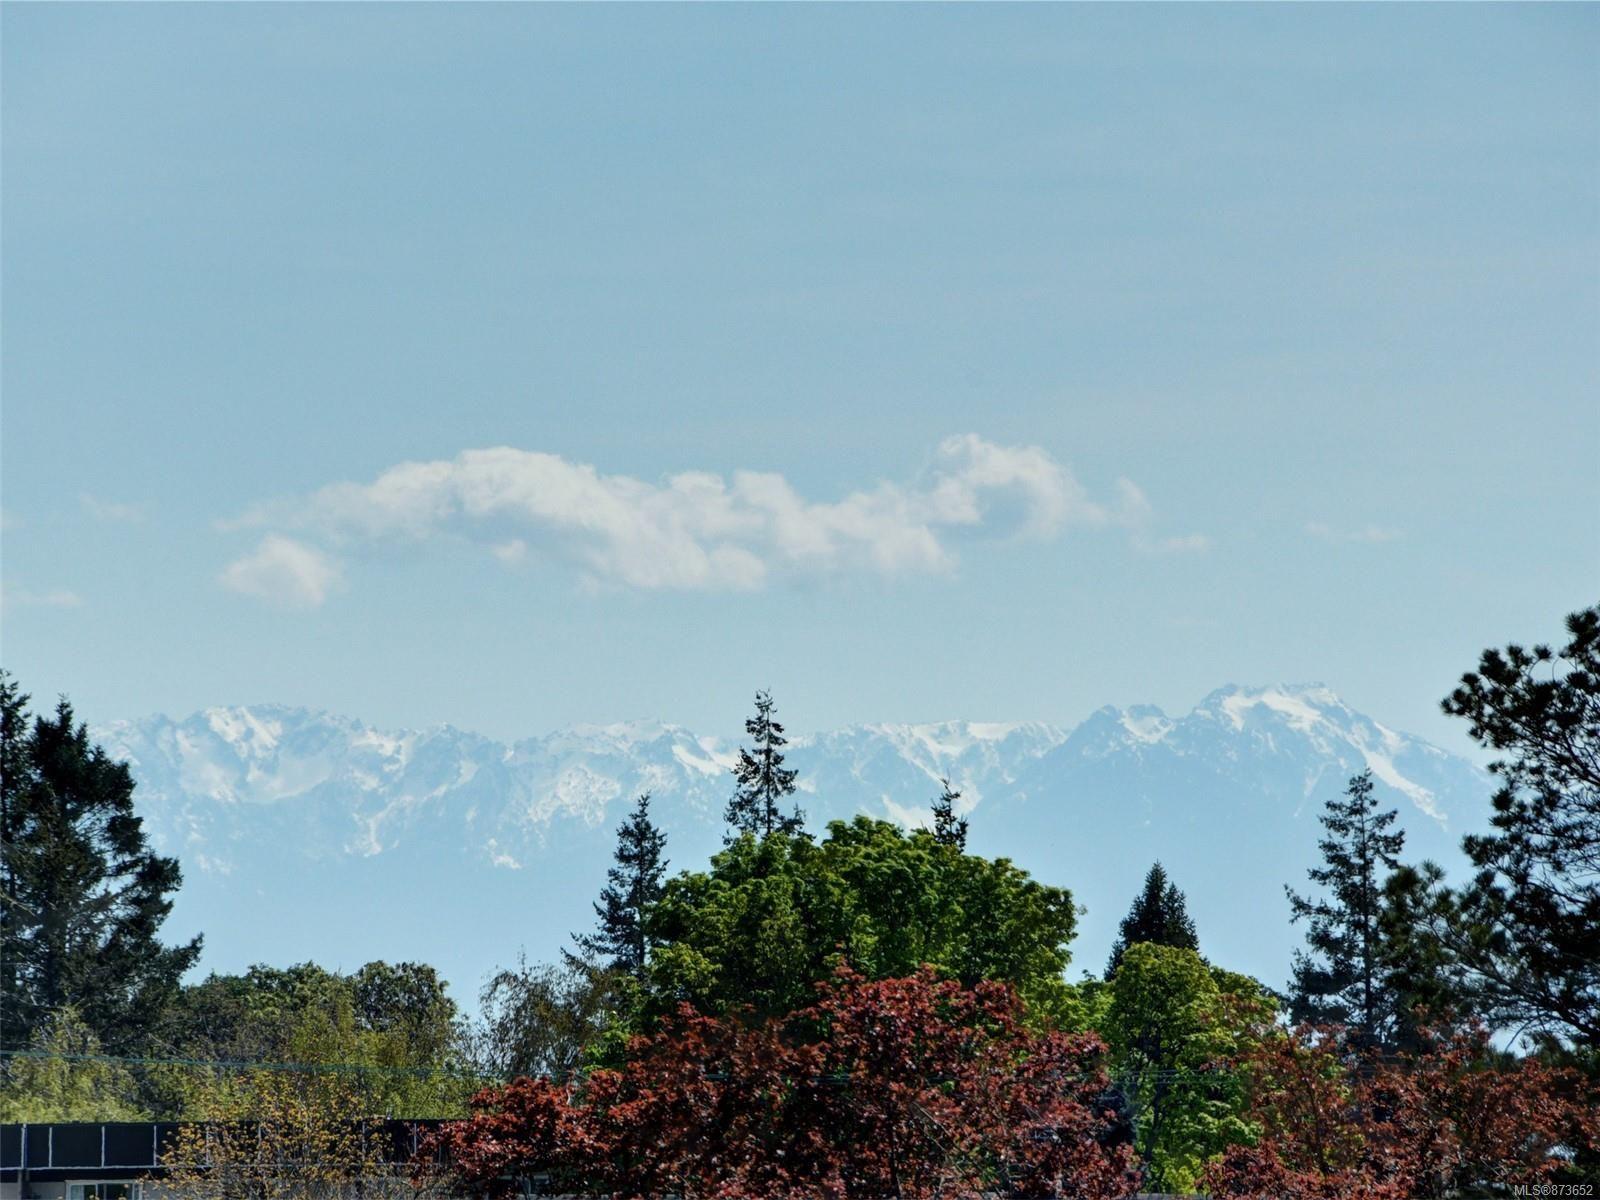 Main Photo: 306 1121 Esquimalt Rd in : Es Saxe Point Condo for sale (Esquimalt)  : MLS®# 873652